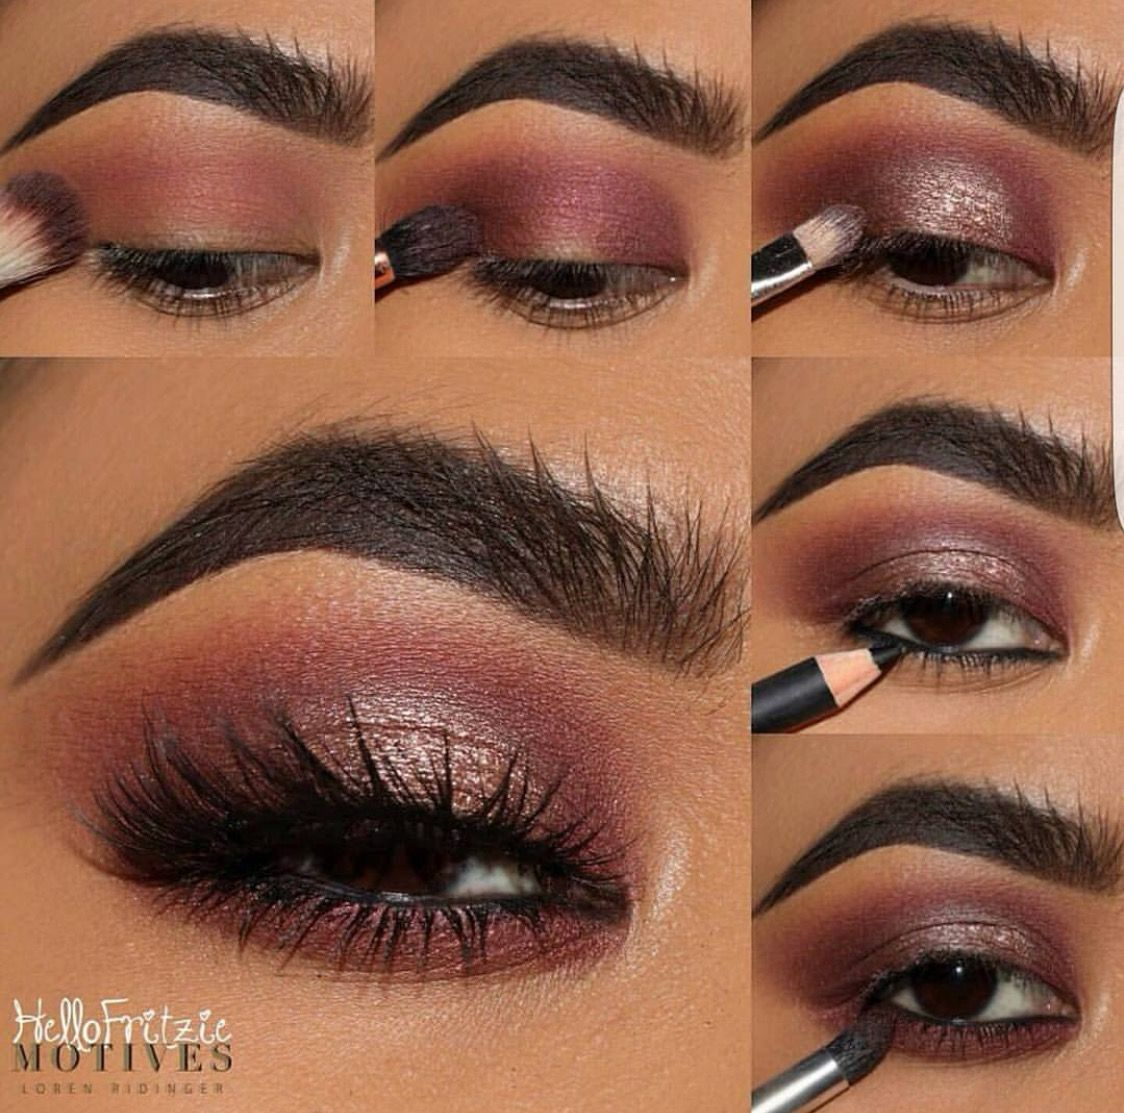 Makeup For Black Women Makeuplooksforblackwomen Lipcolorsforblackwomen Makeup For Black Women Dark Skin Makeup Skin Makeup [ 1113 x 1124 Pixel ]